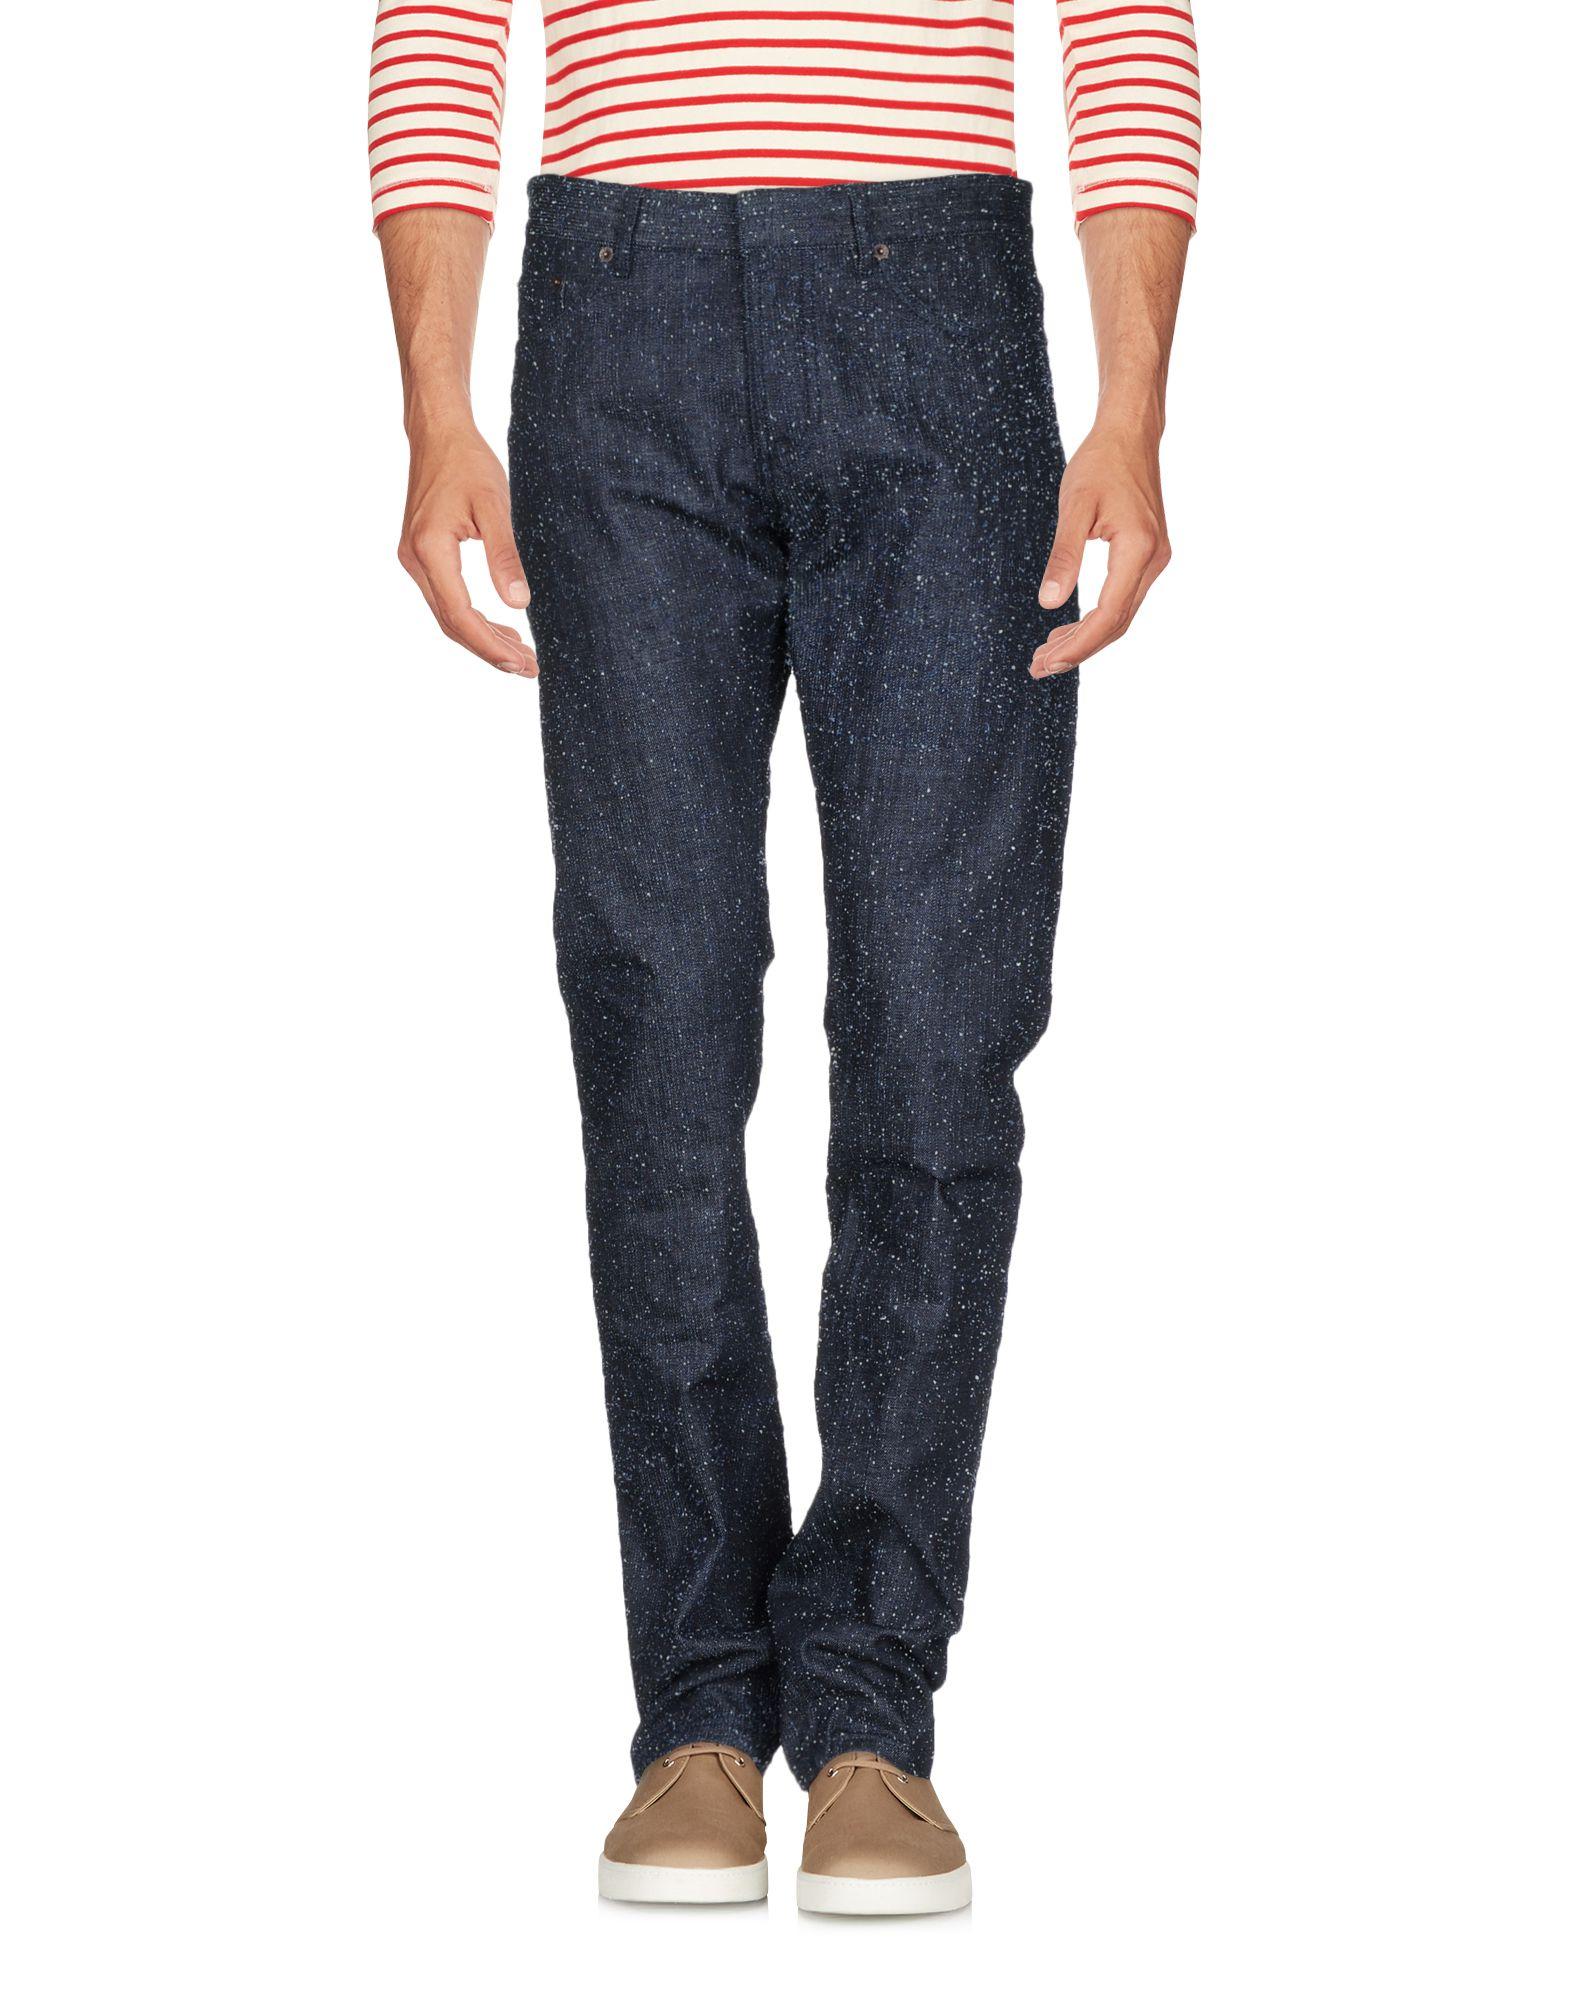 Pantaloni Jeans Balenciaga Donna - Acquista online su